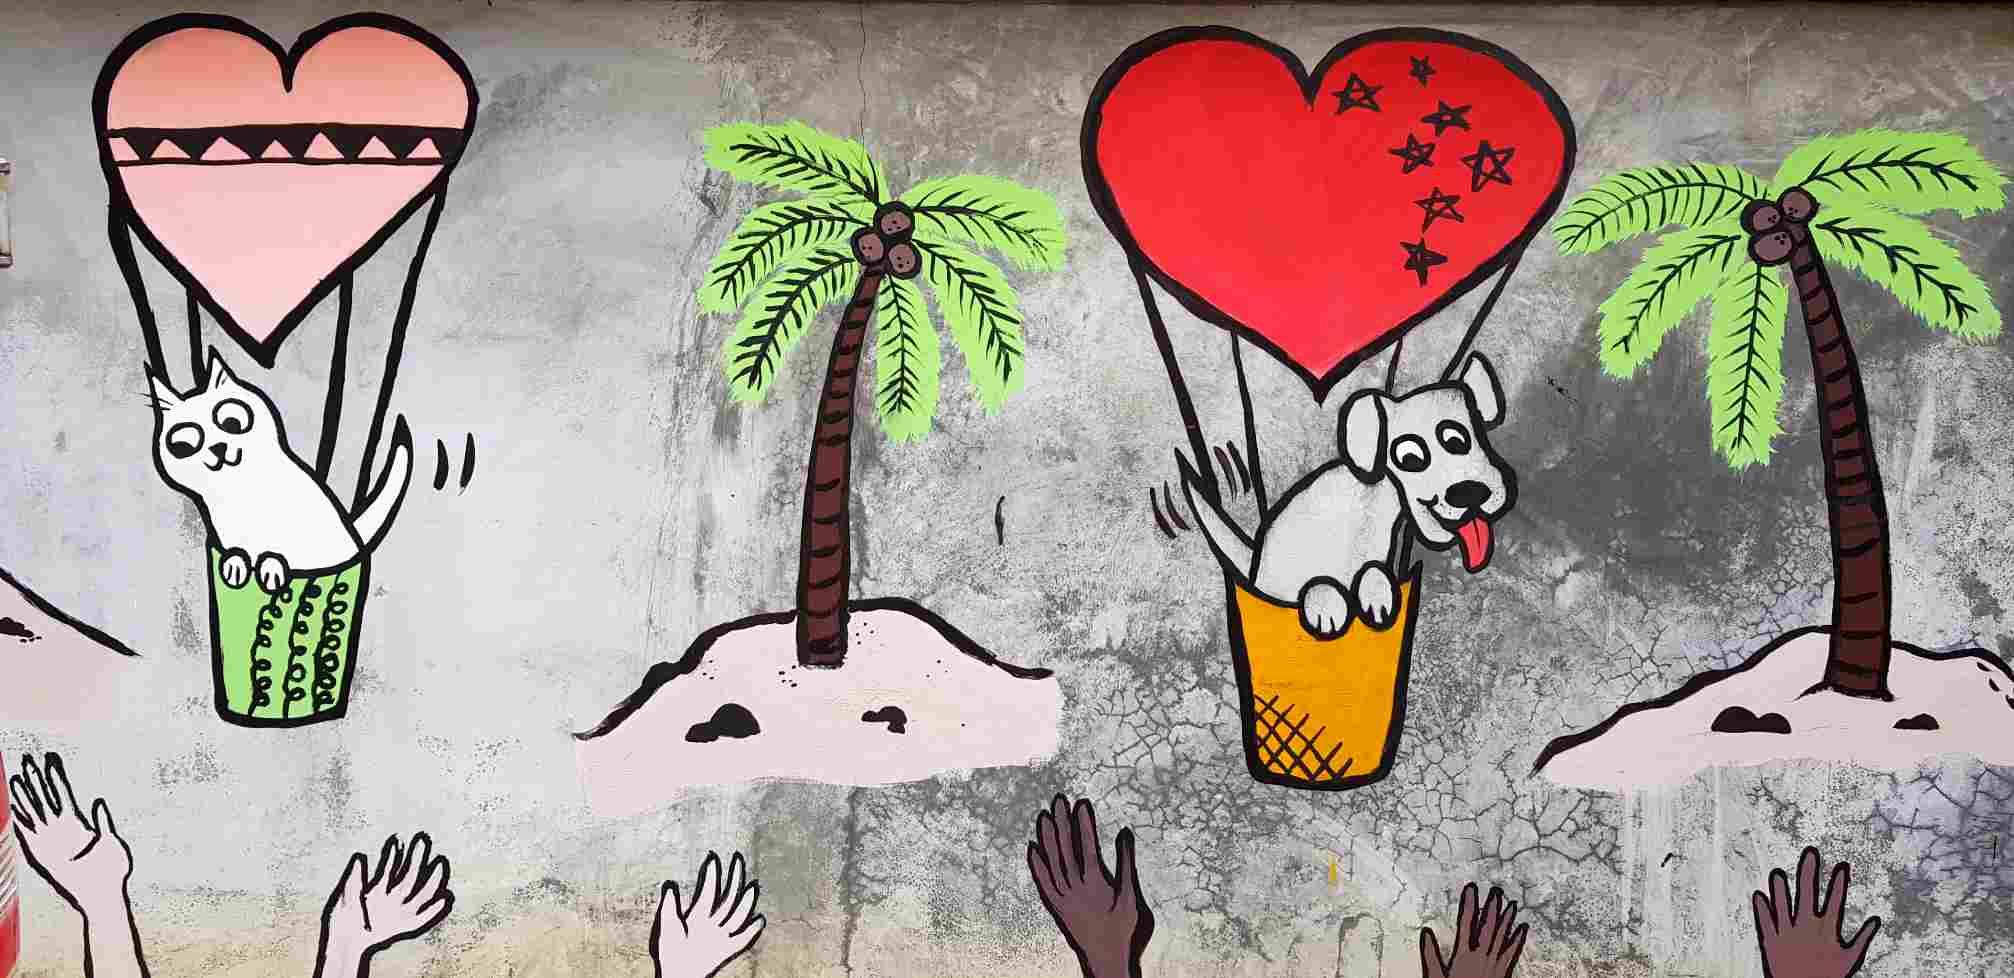 Lanta Animal Welfare, kleurrijke muurschildering van honden en katten